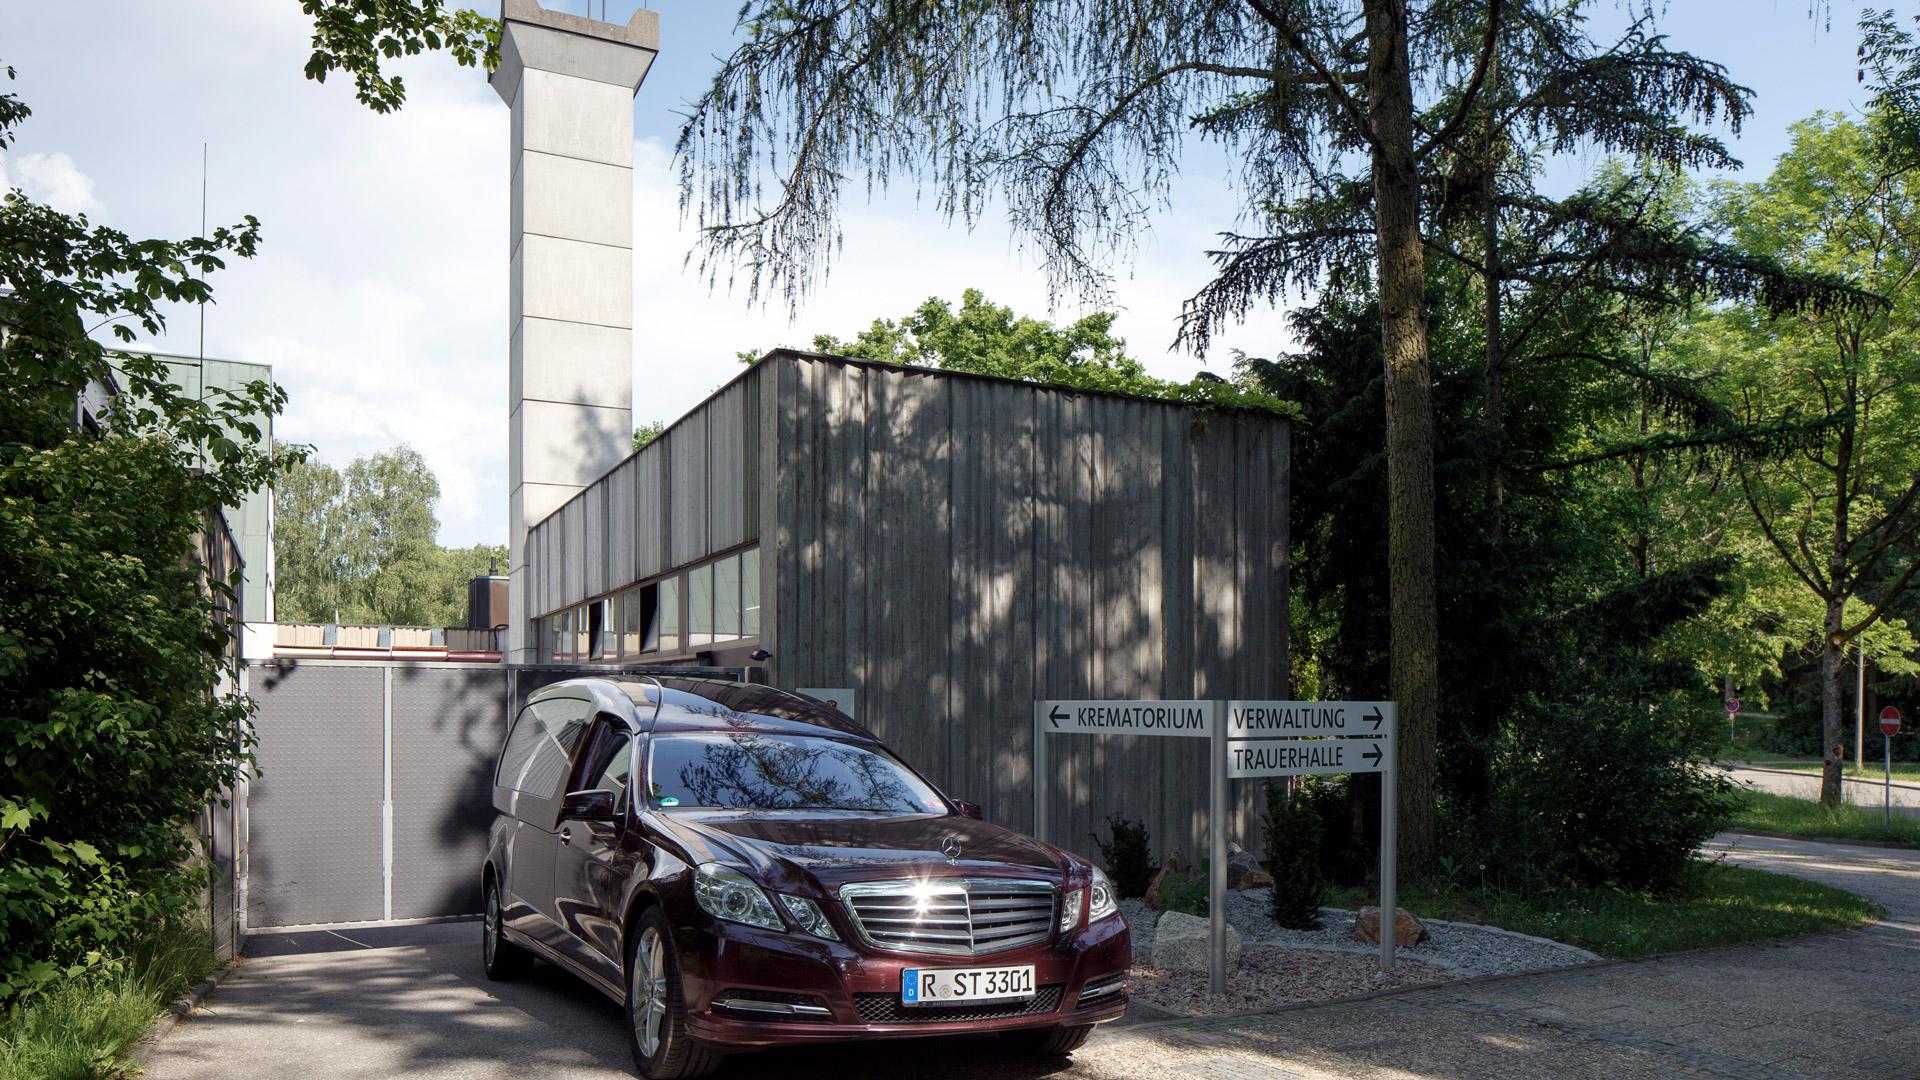 Krematorium-Regensburg